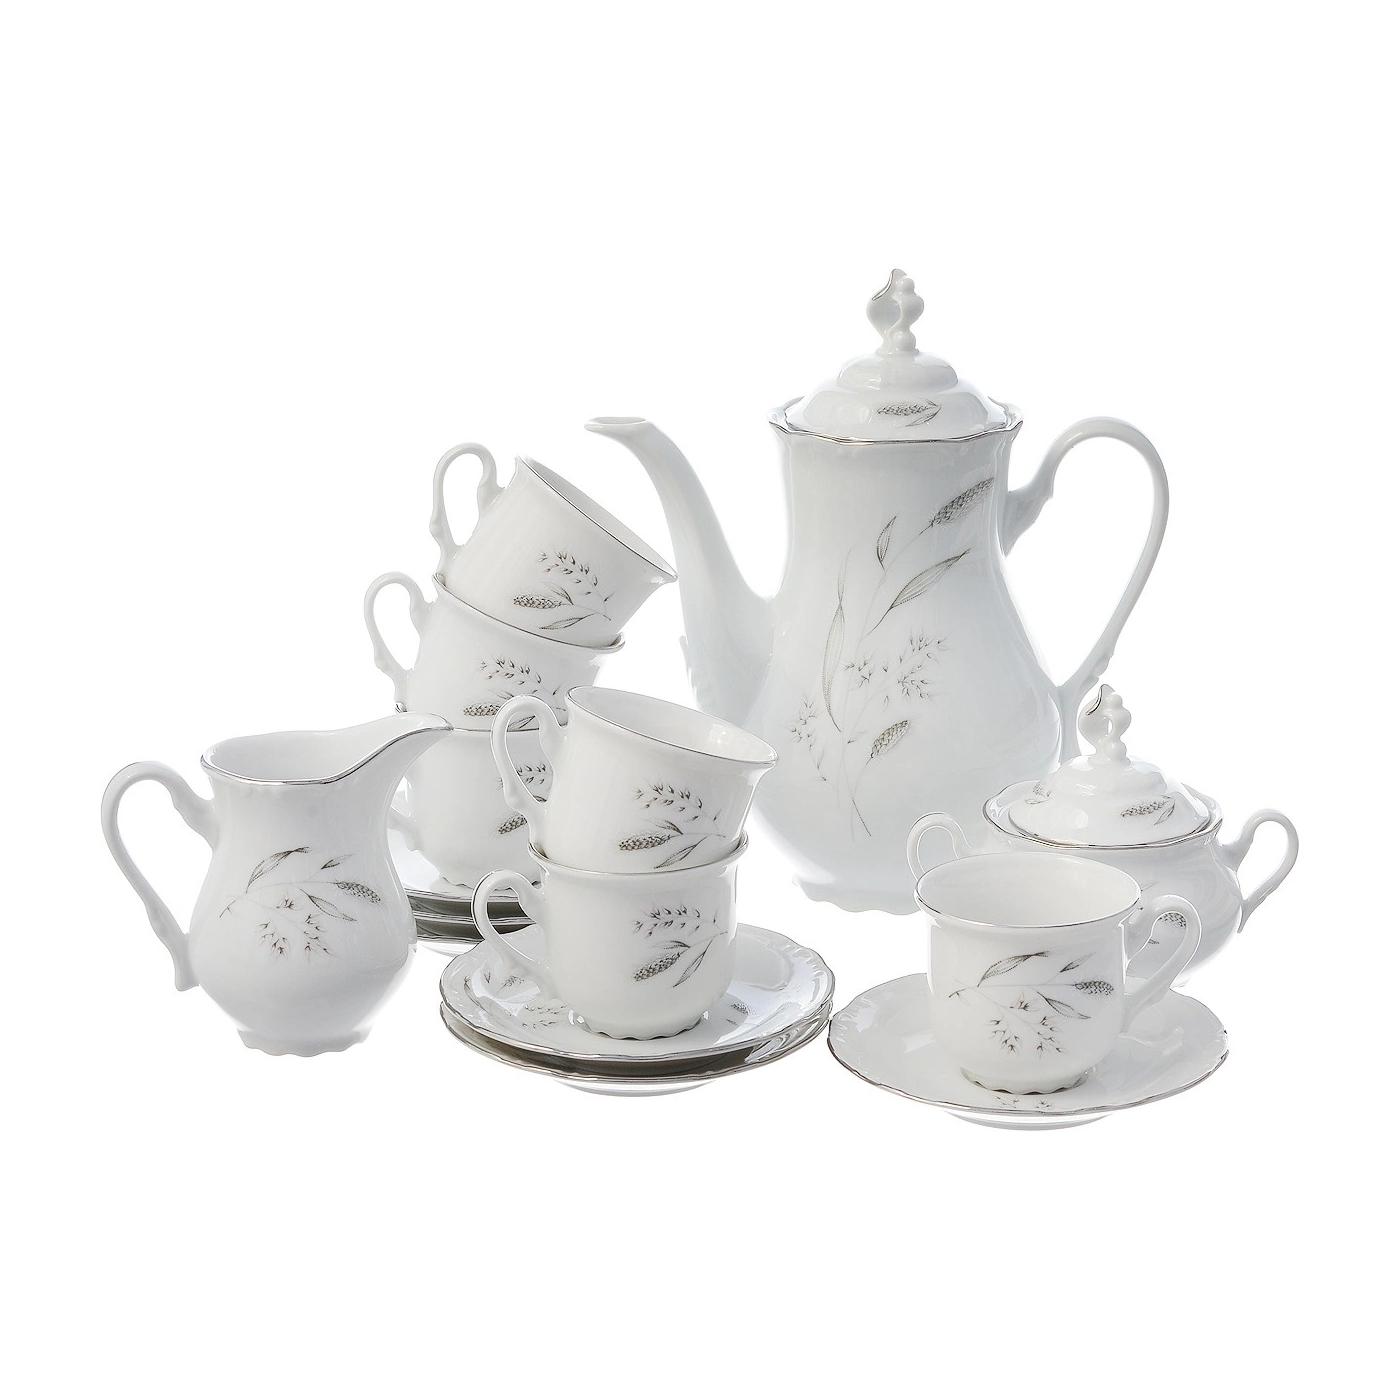 Сервиз кофейный Thun 1794 6 персон 17 предметов Constance недорого